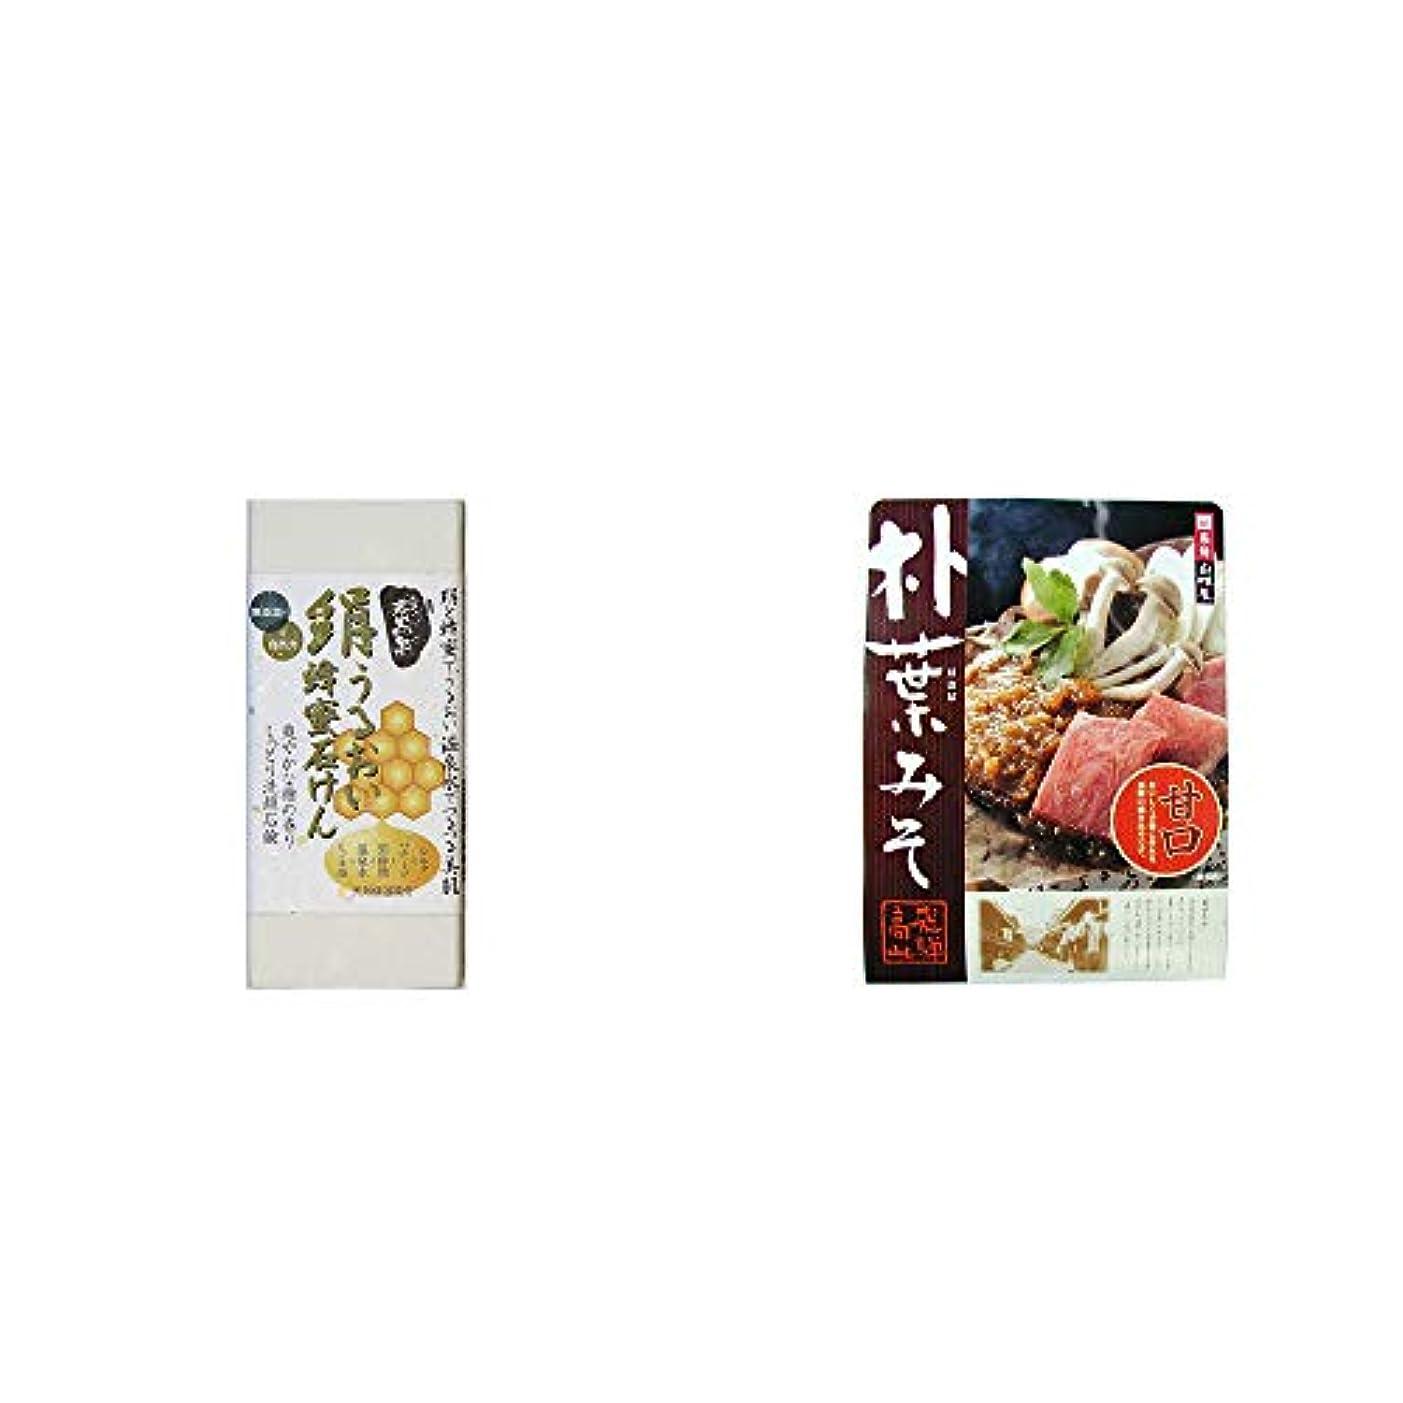 非武装化リップ[2点セット] ひのき炭黒泉 絹うるおい蜂蜜石けん(75g×2)?飛騨山味屋 朴葉みそ(約2人前)